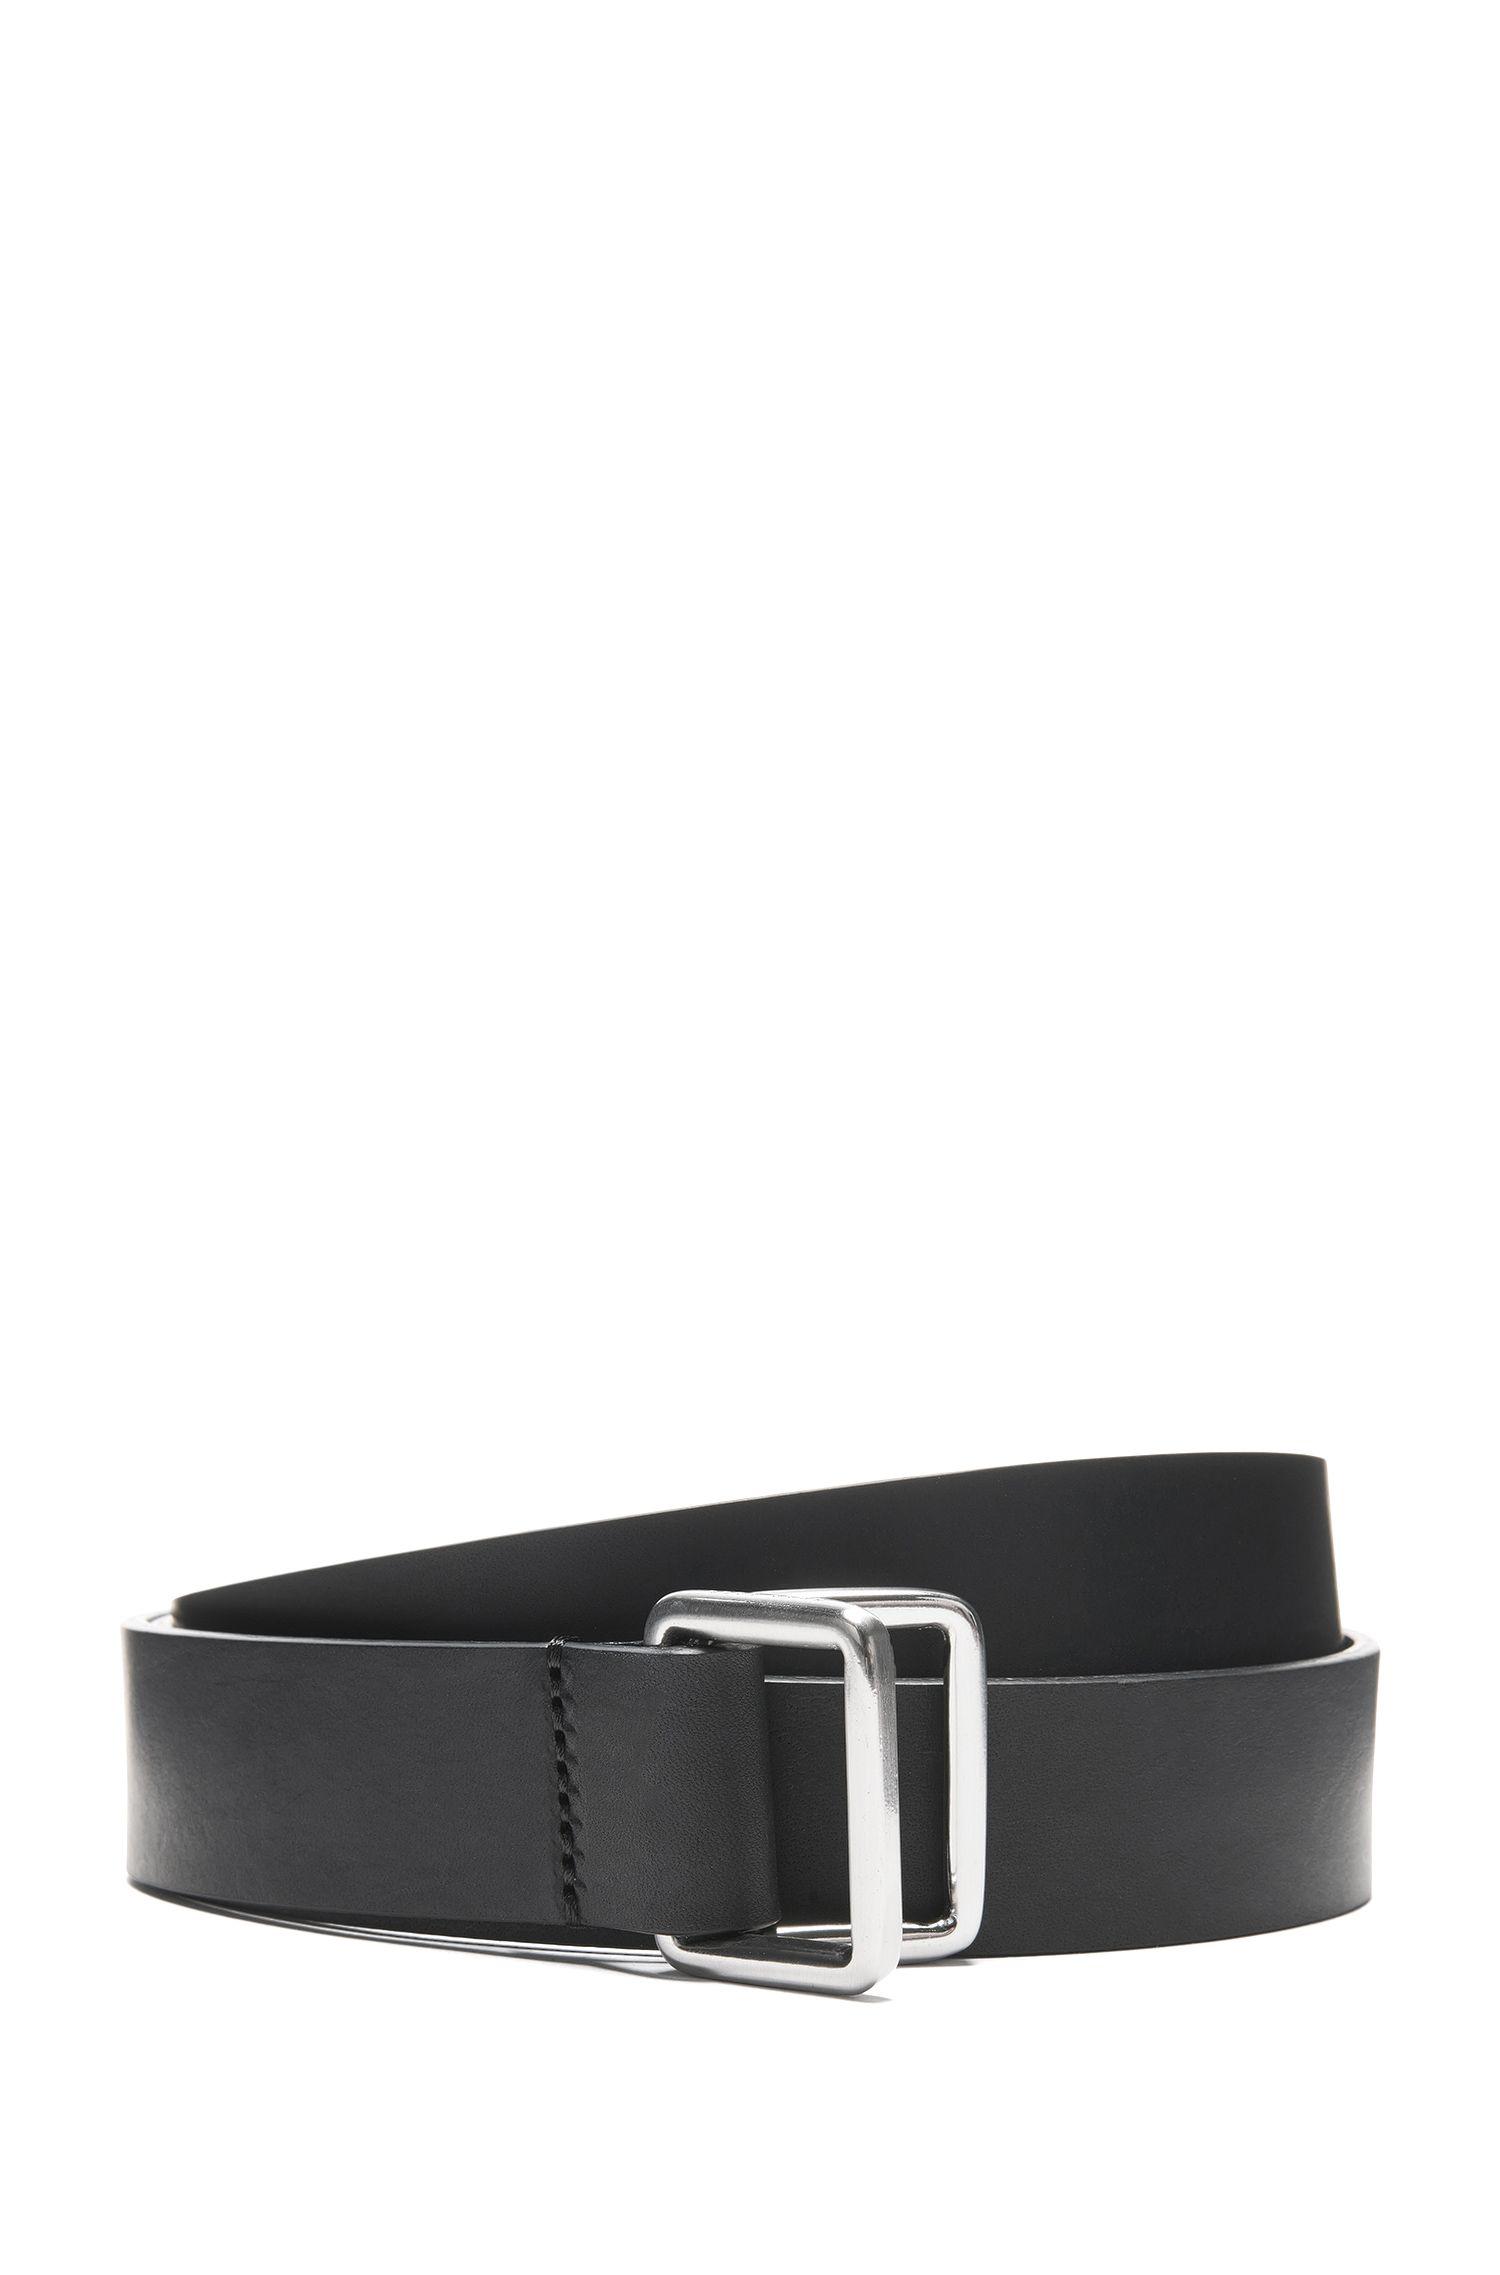 Cinturón de piel italiana lisa con cierre de anilla semicircular doble